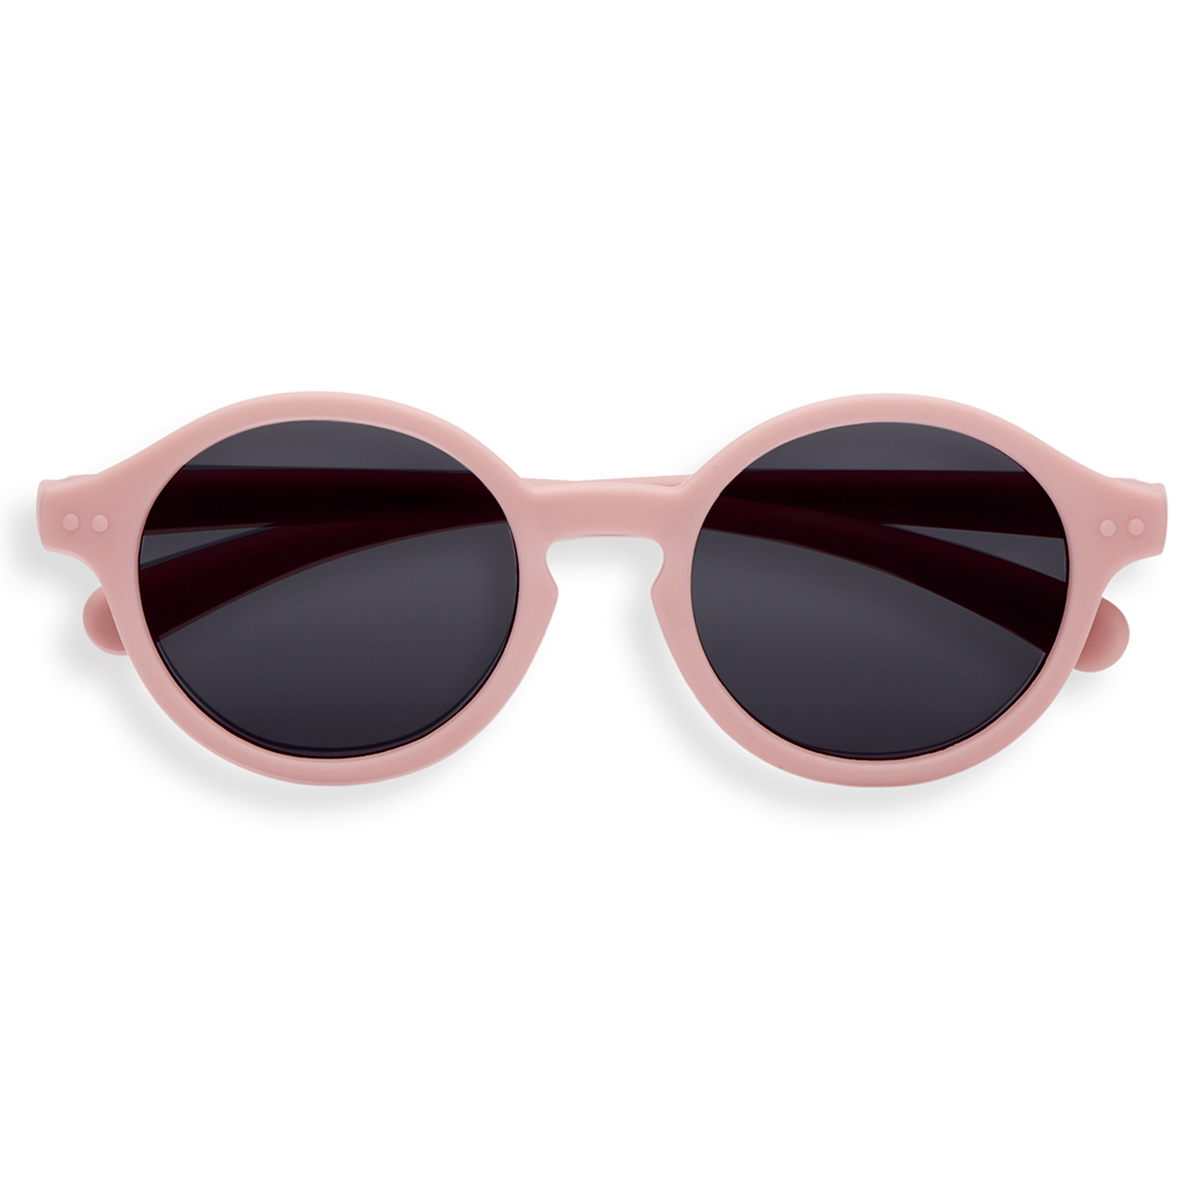 Accessoires bébé Lunettes de Soleil Sun Kids+ 3/5 Ans - Pastel Pink Lunettes de Soleil Sun Kids+ 3/5 Ans - Pastel Pink